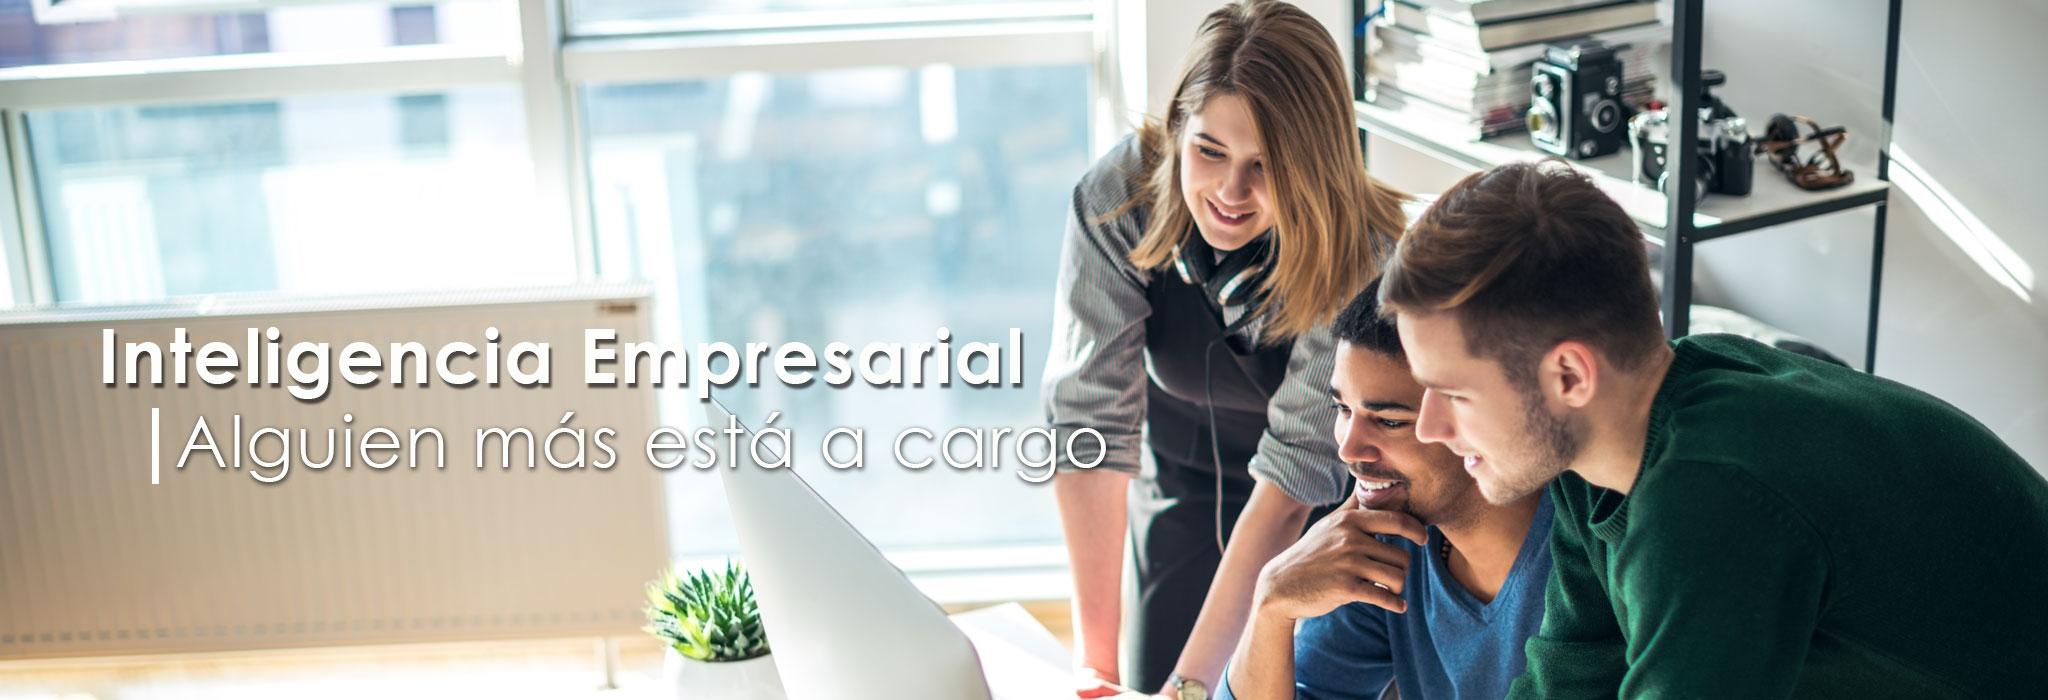 ERP-Inteligencia-Empresarial-1